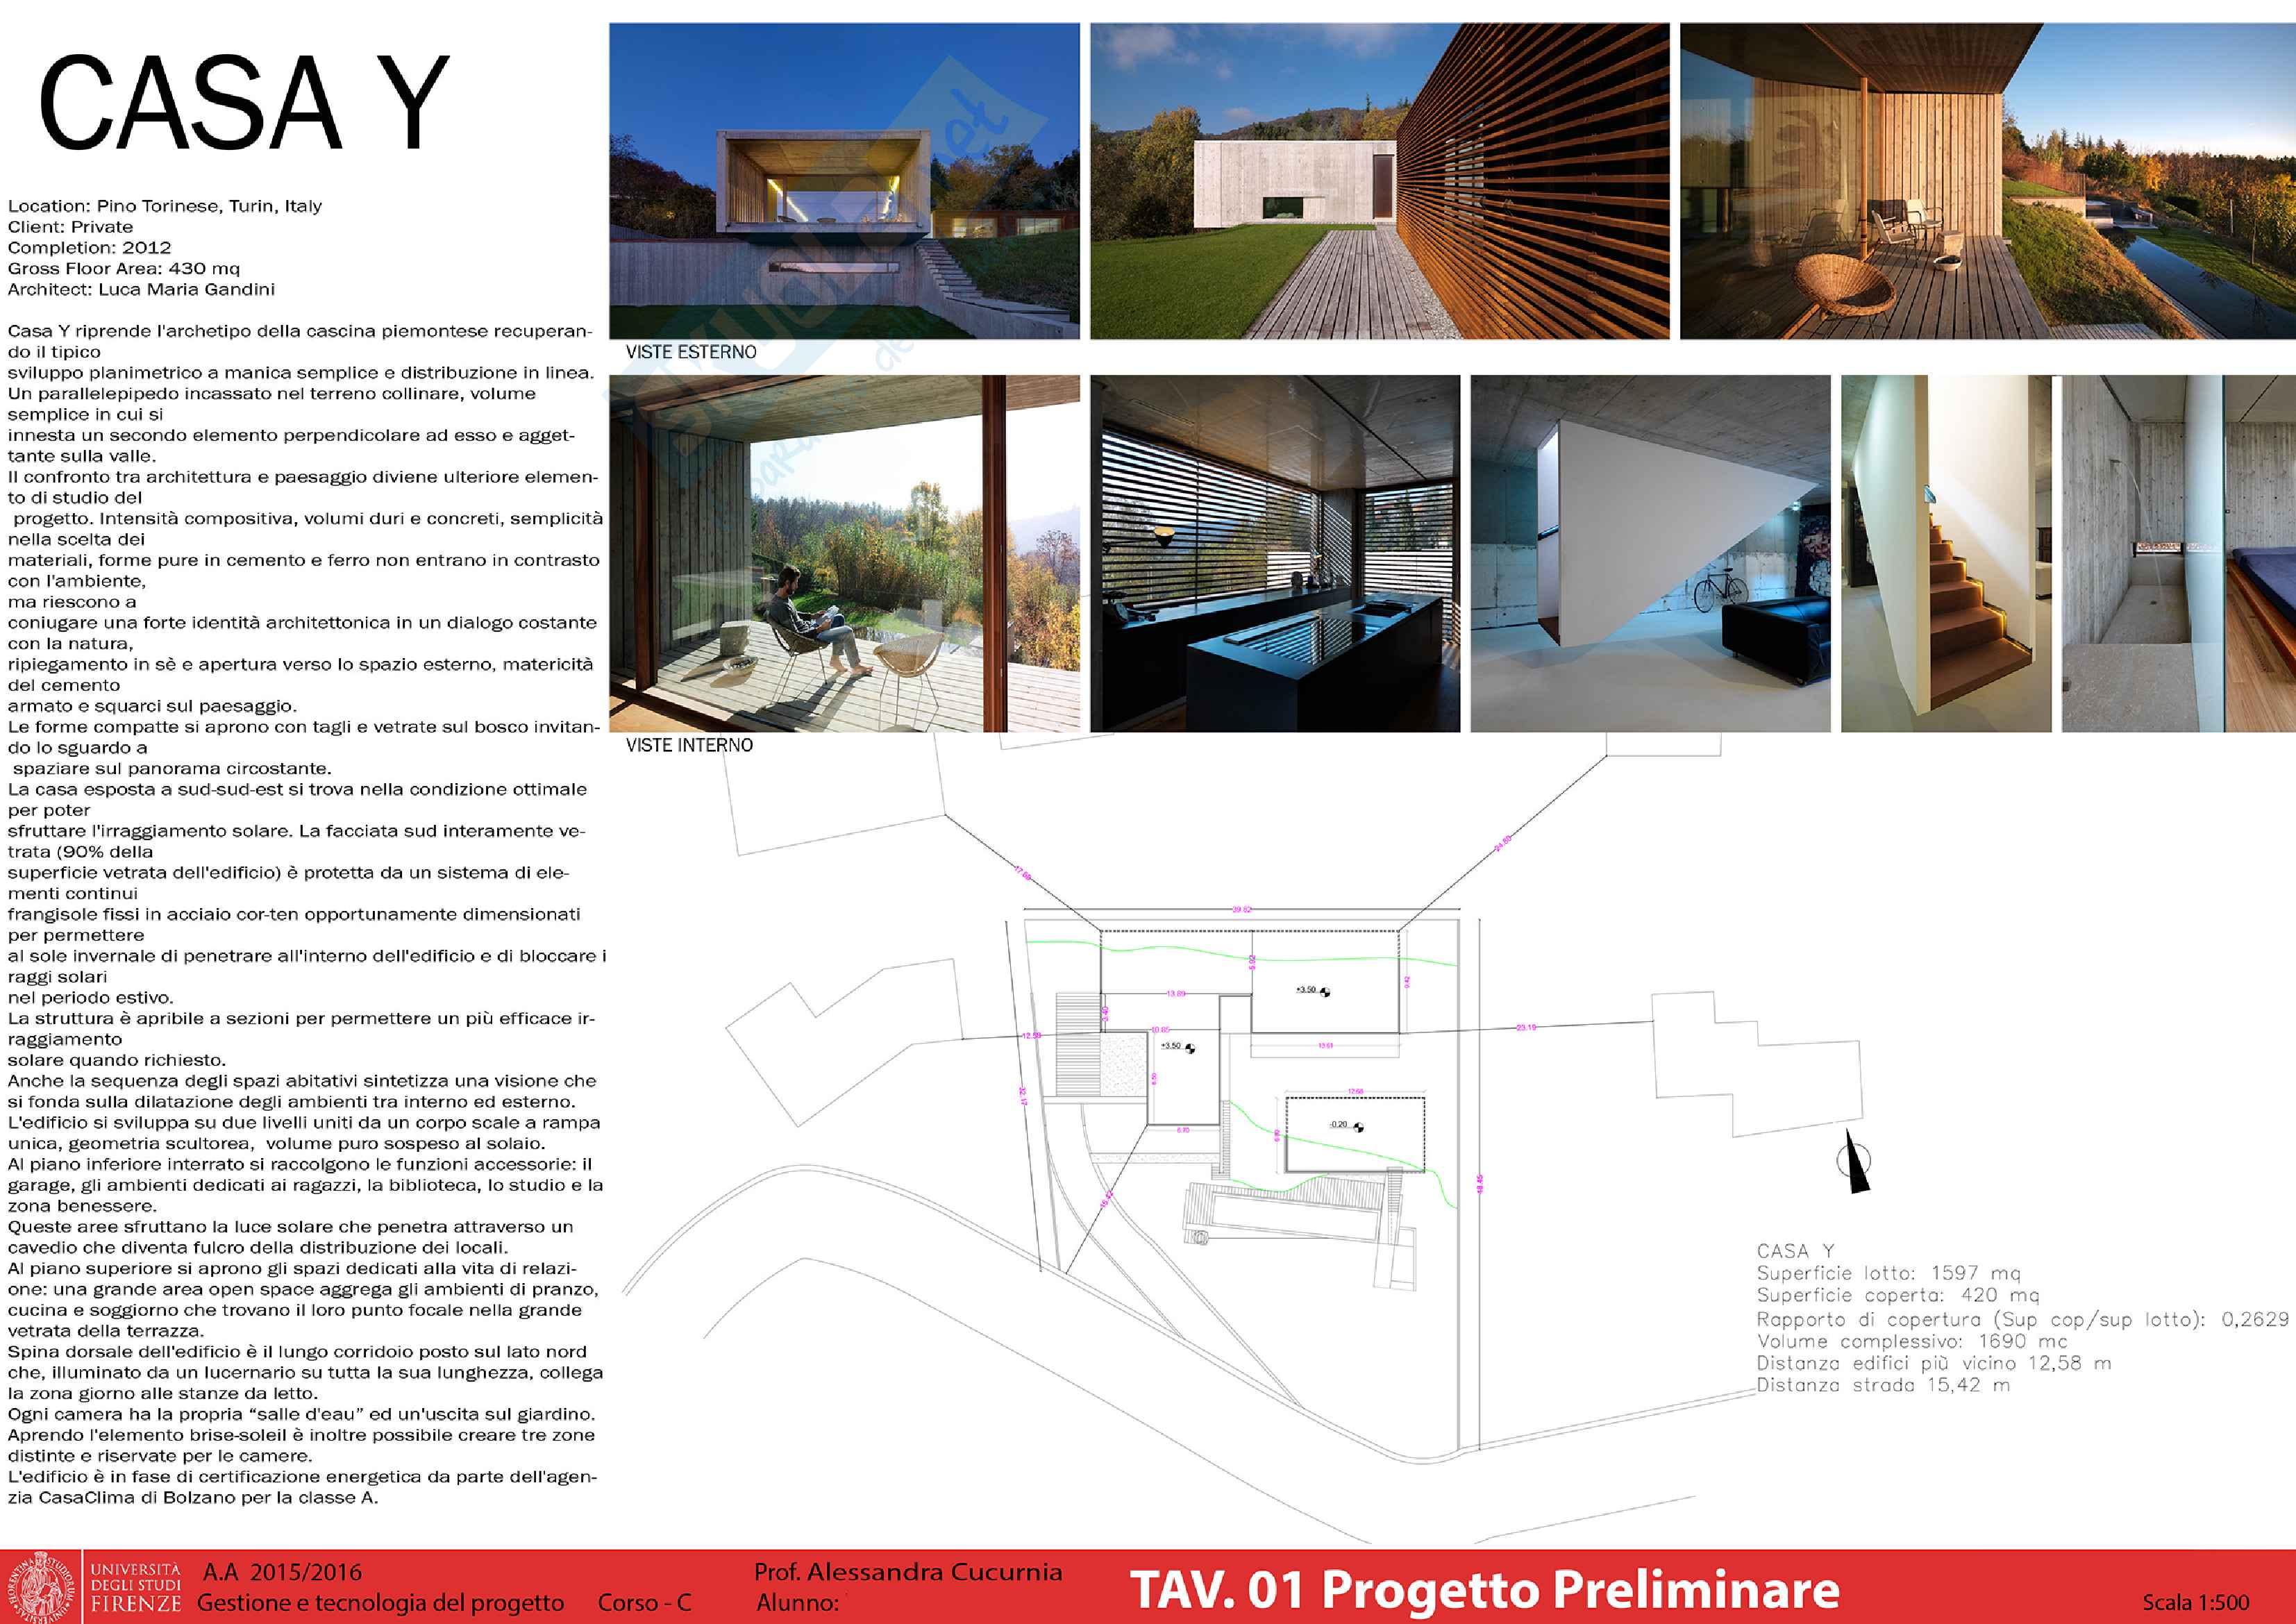 Fase progettuale gestione e tecnologia del progetto